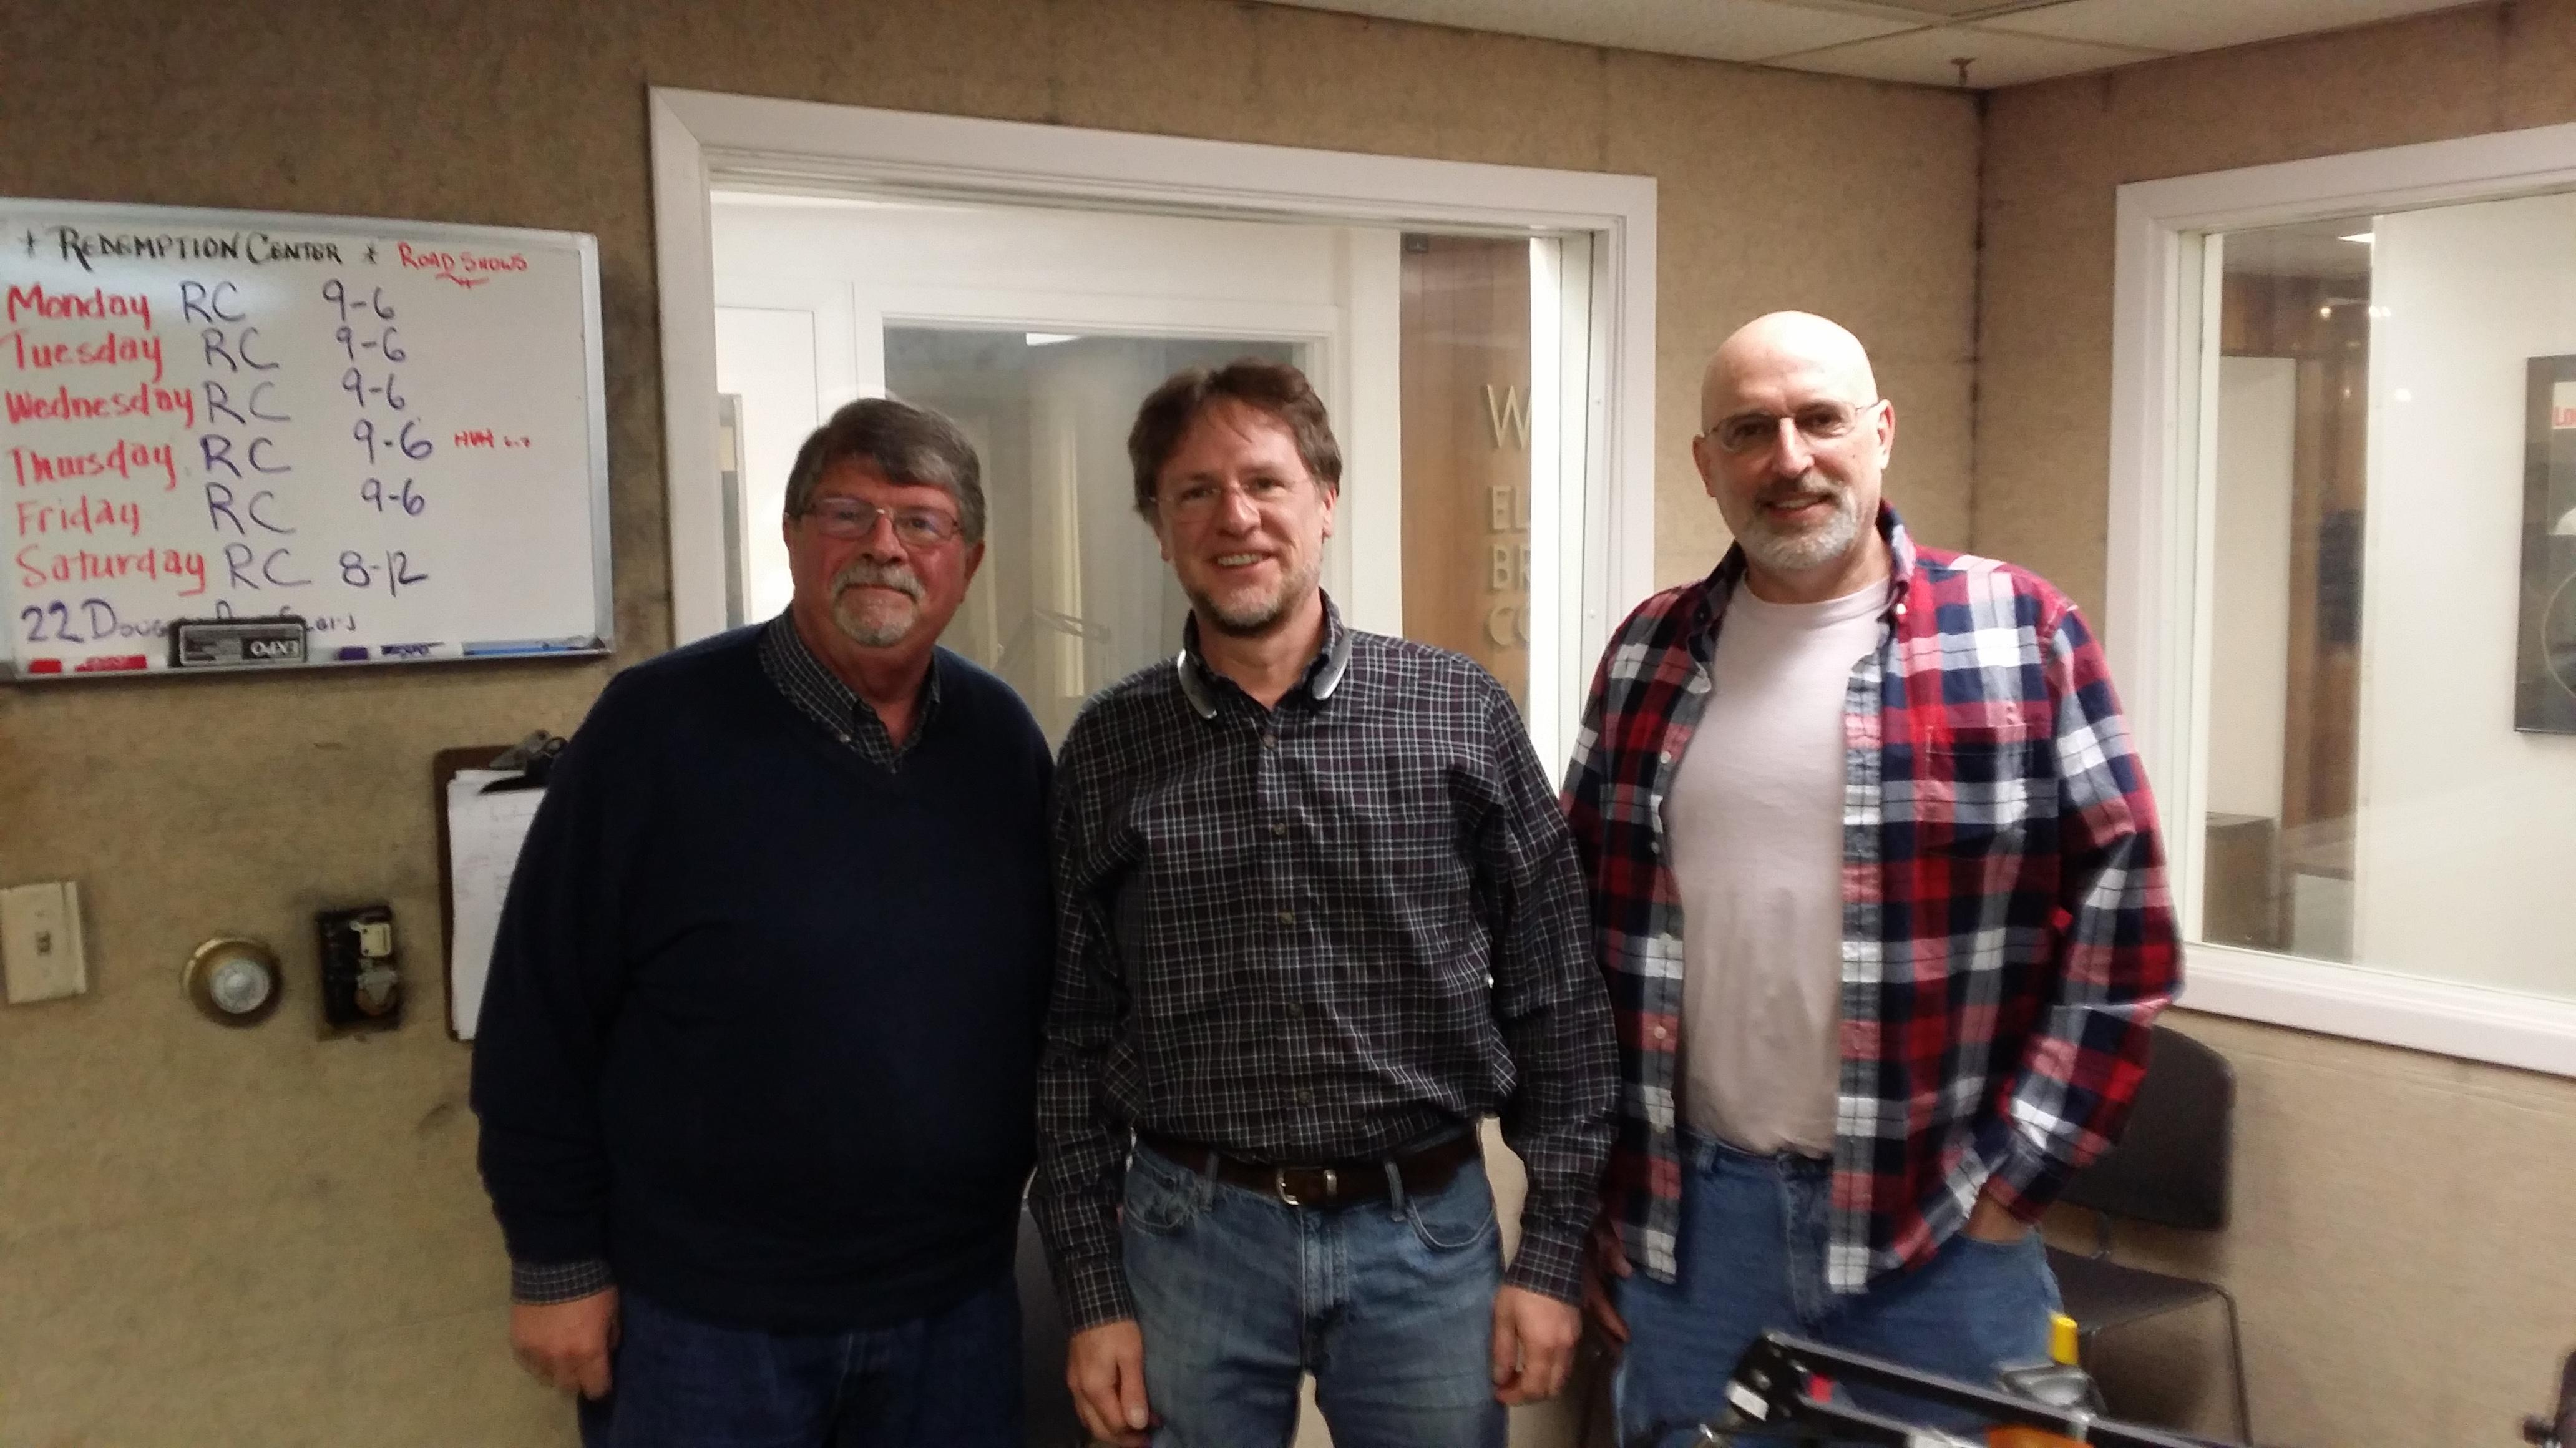 Larry, Joe and Jeff